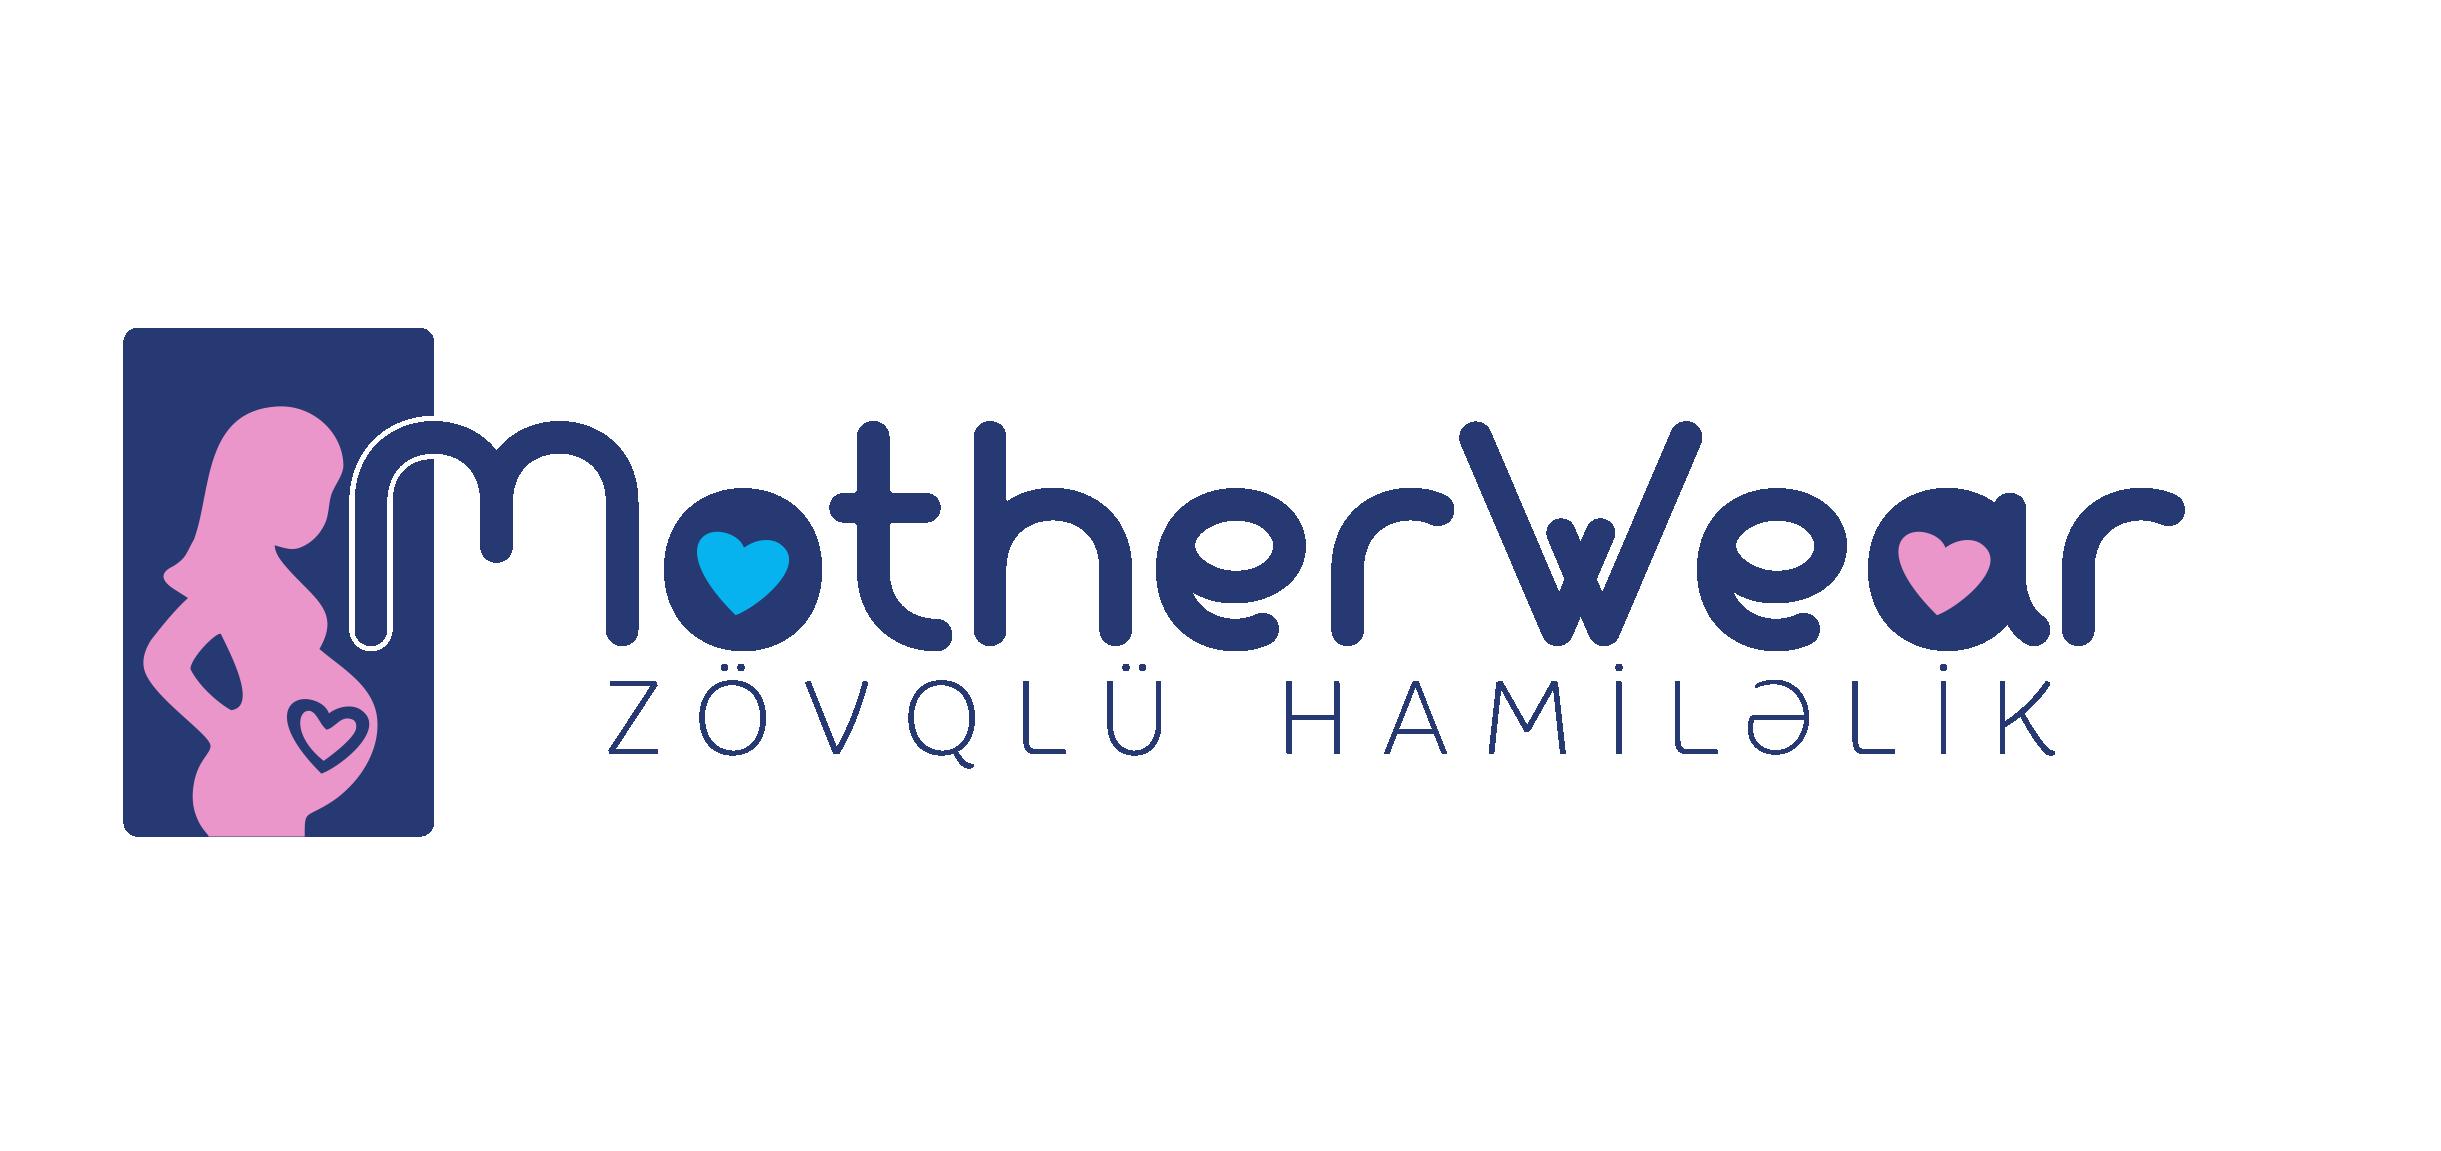 Motherwear